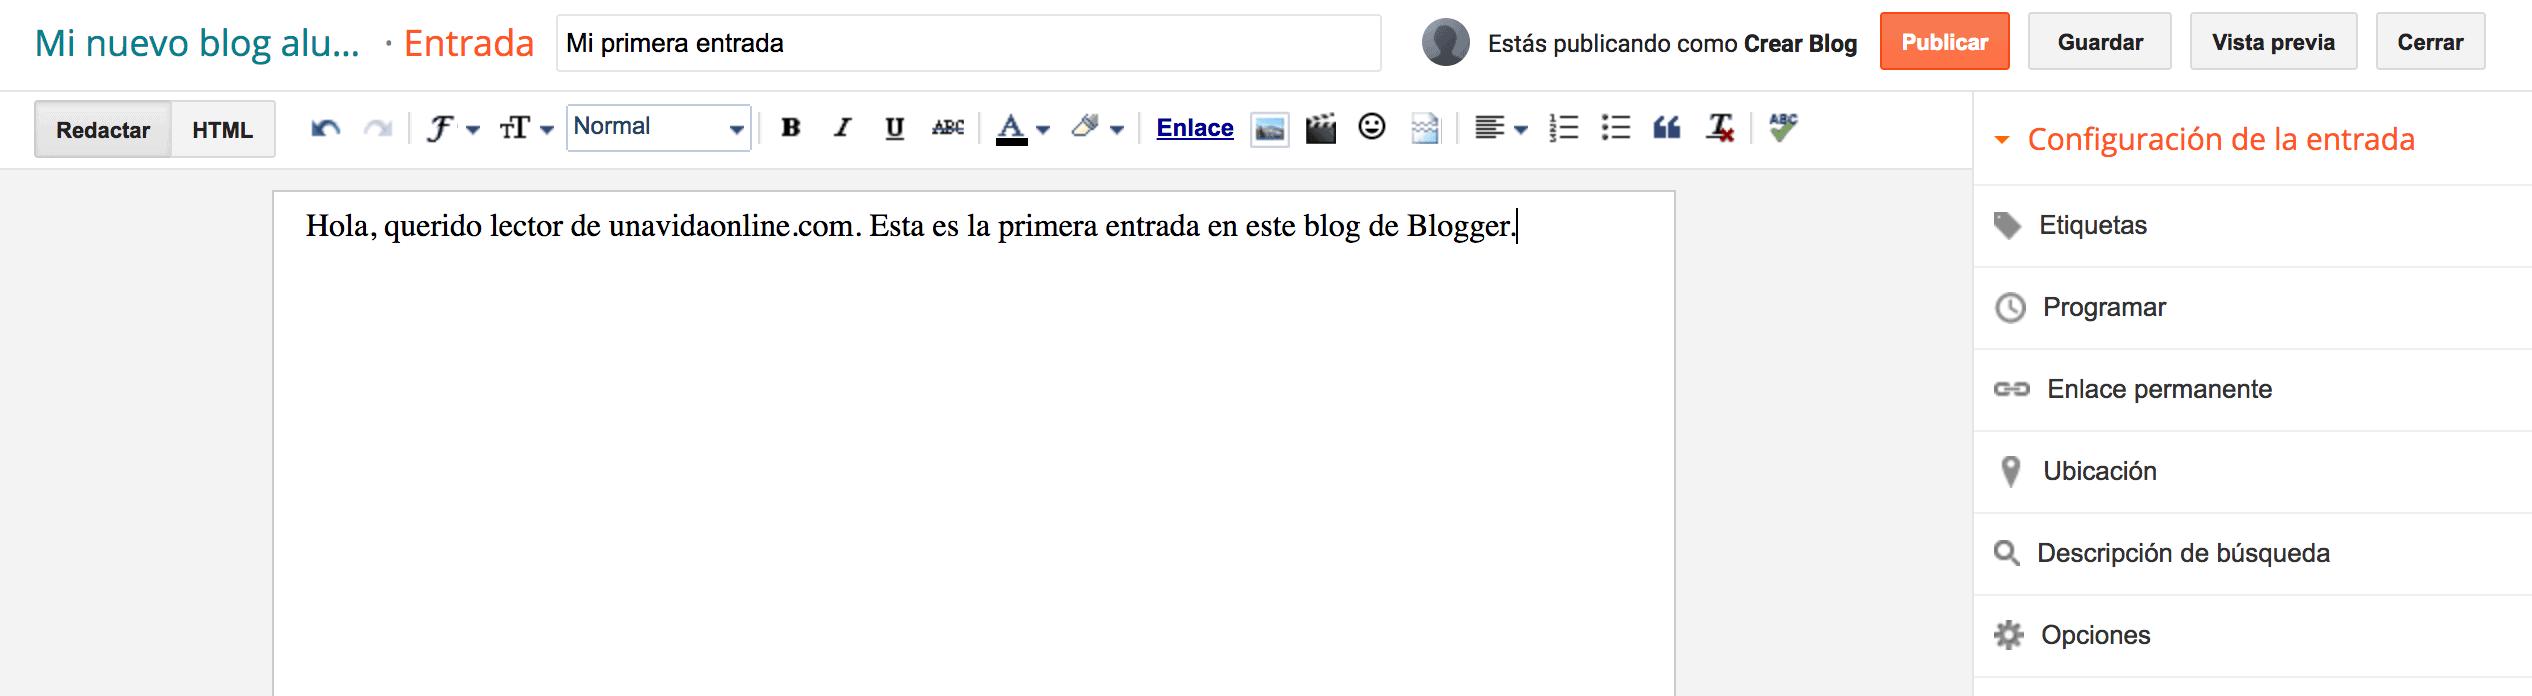 entrada blogger